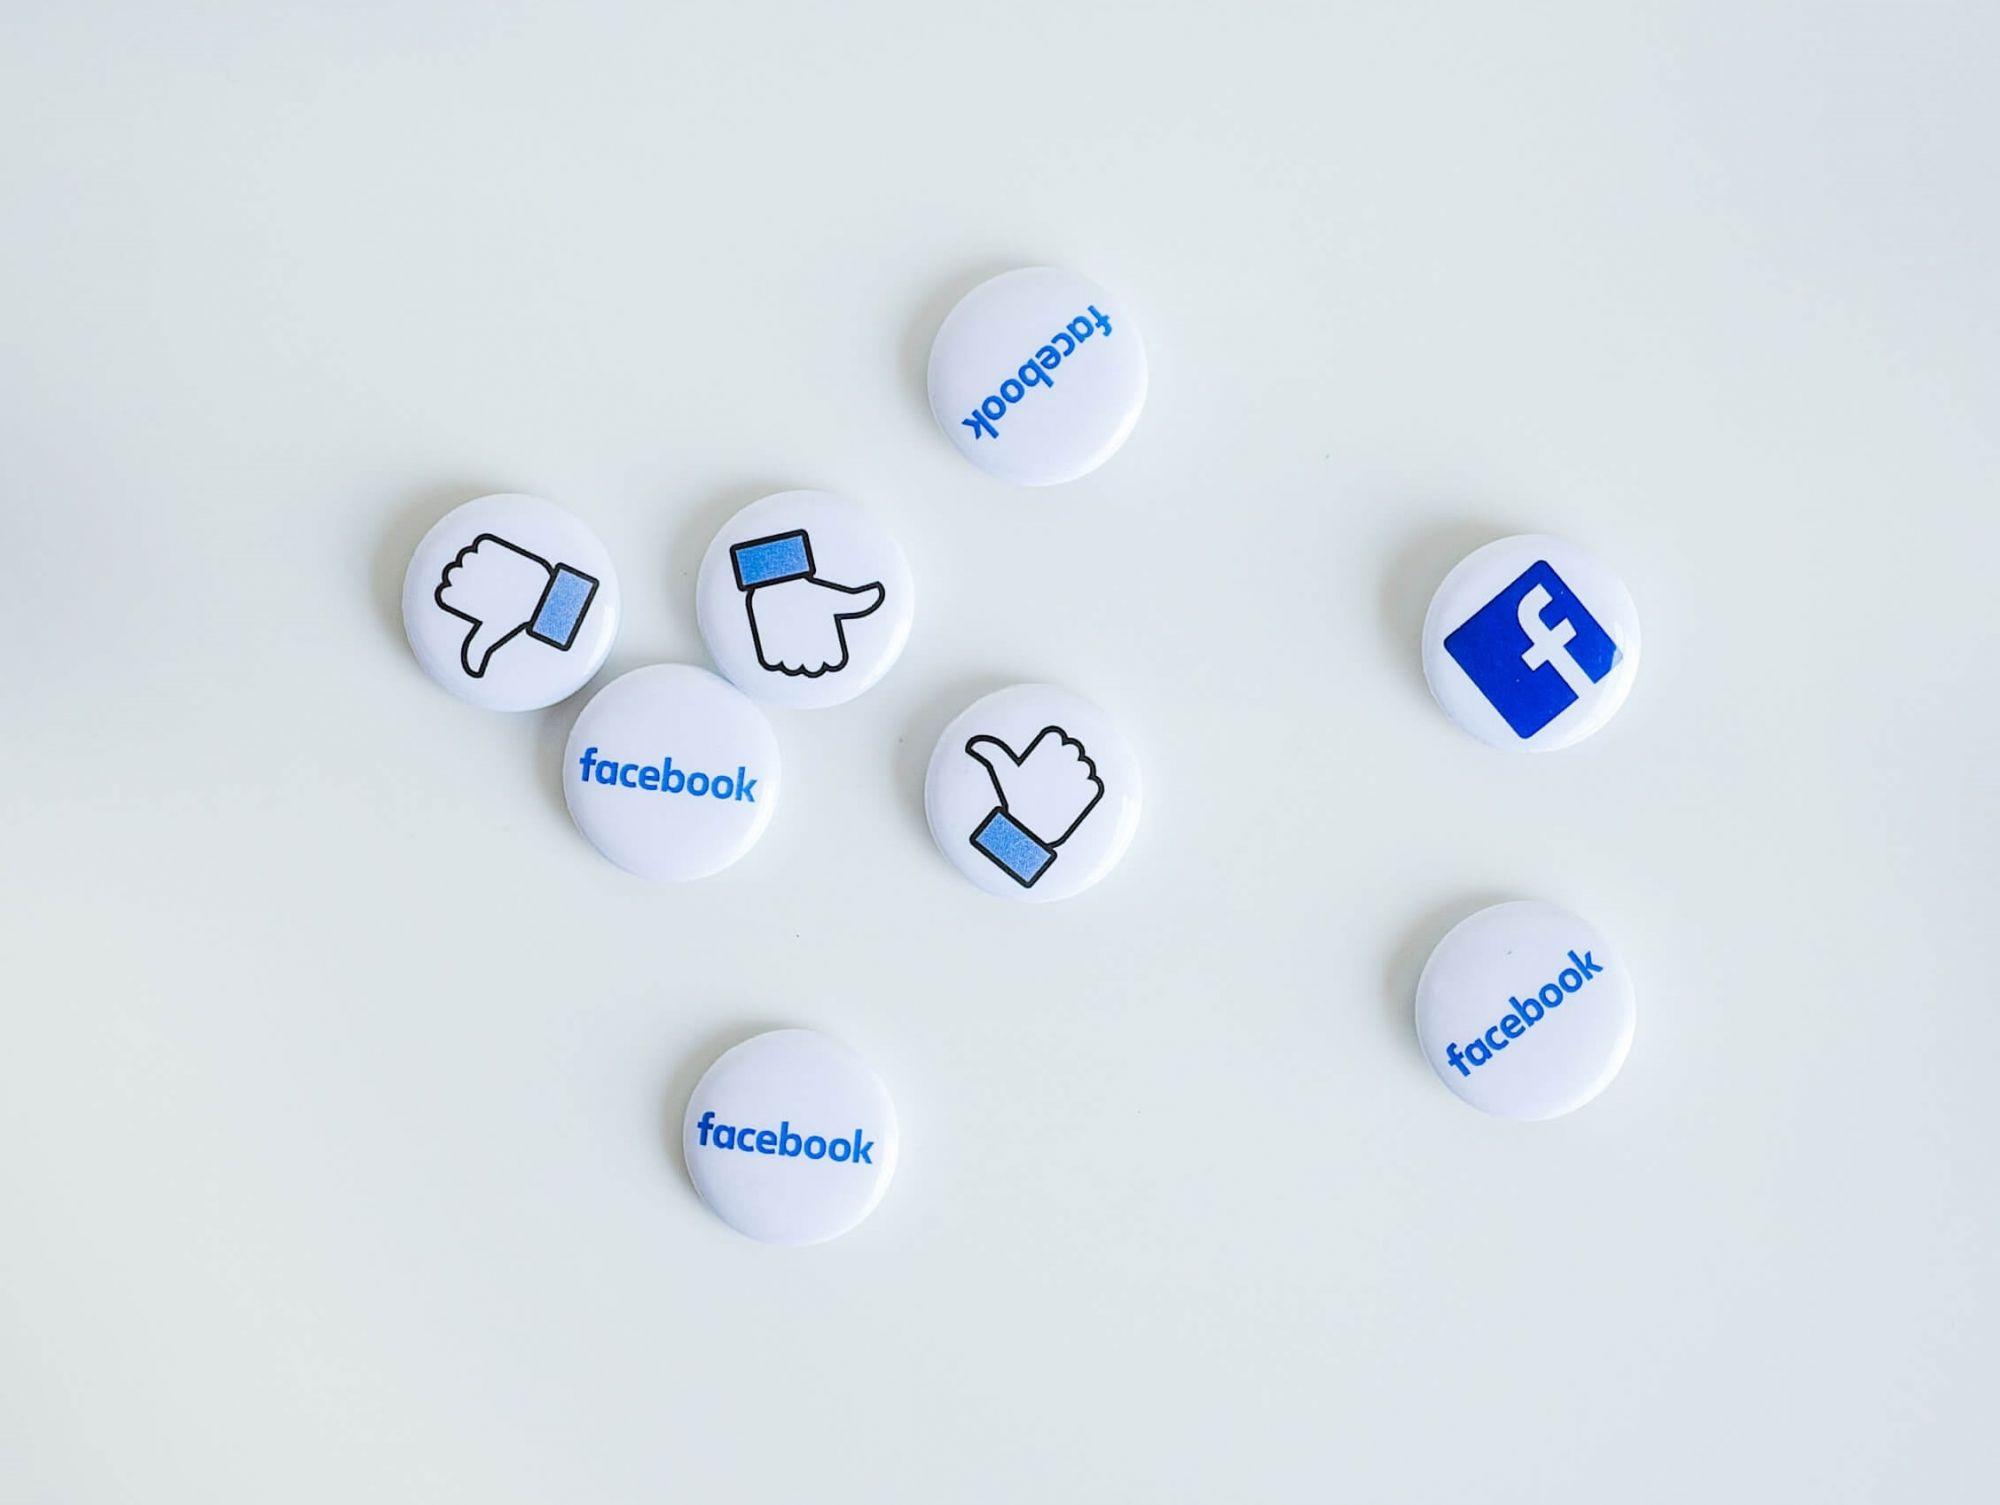 ביטול מגבלת אחוז הטקסט בתמונות בפייסבוק